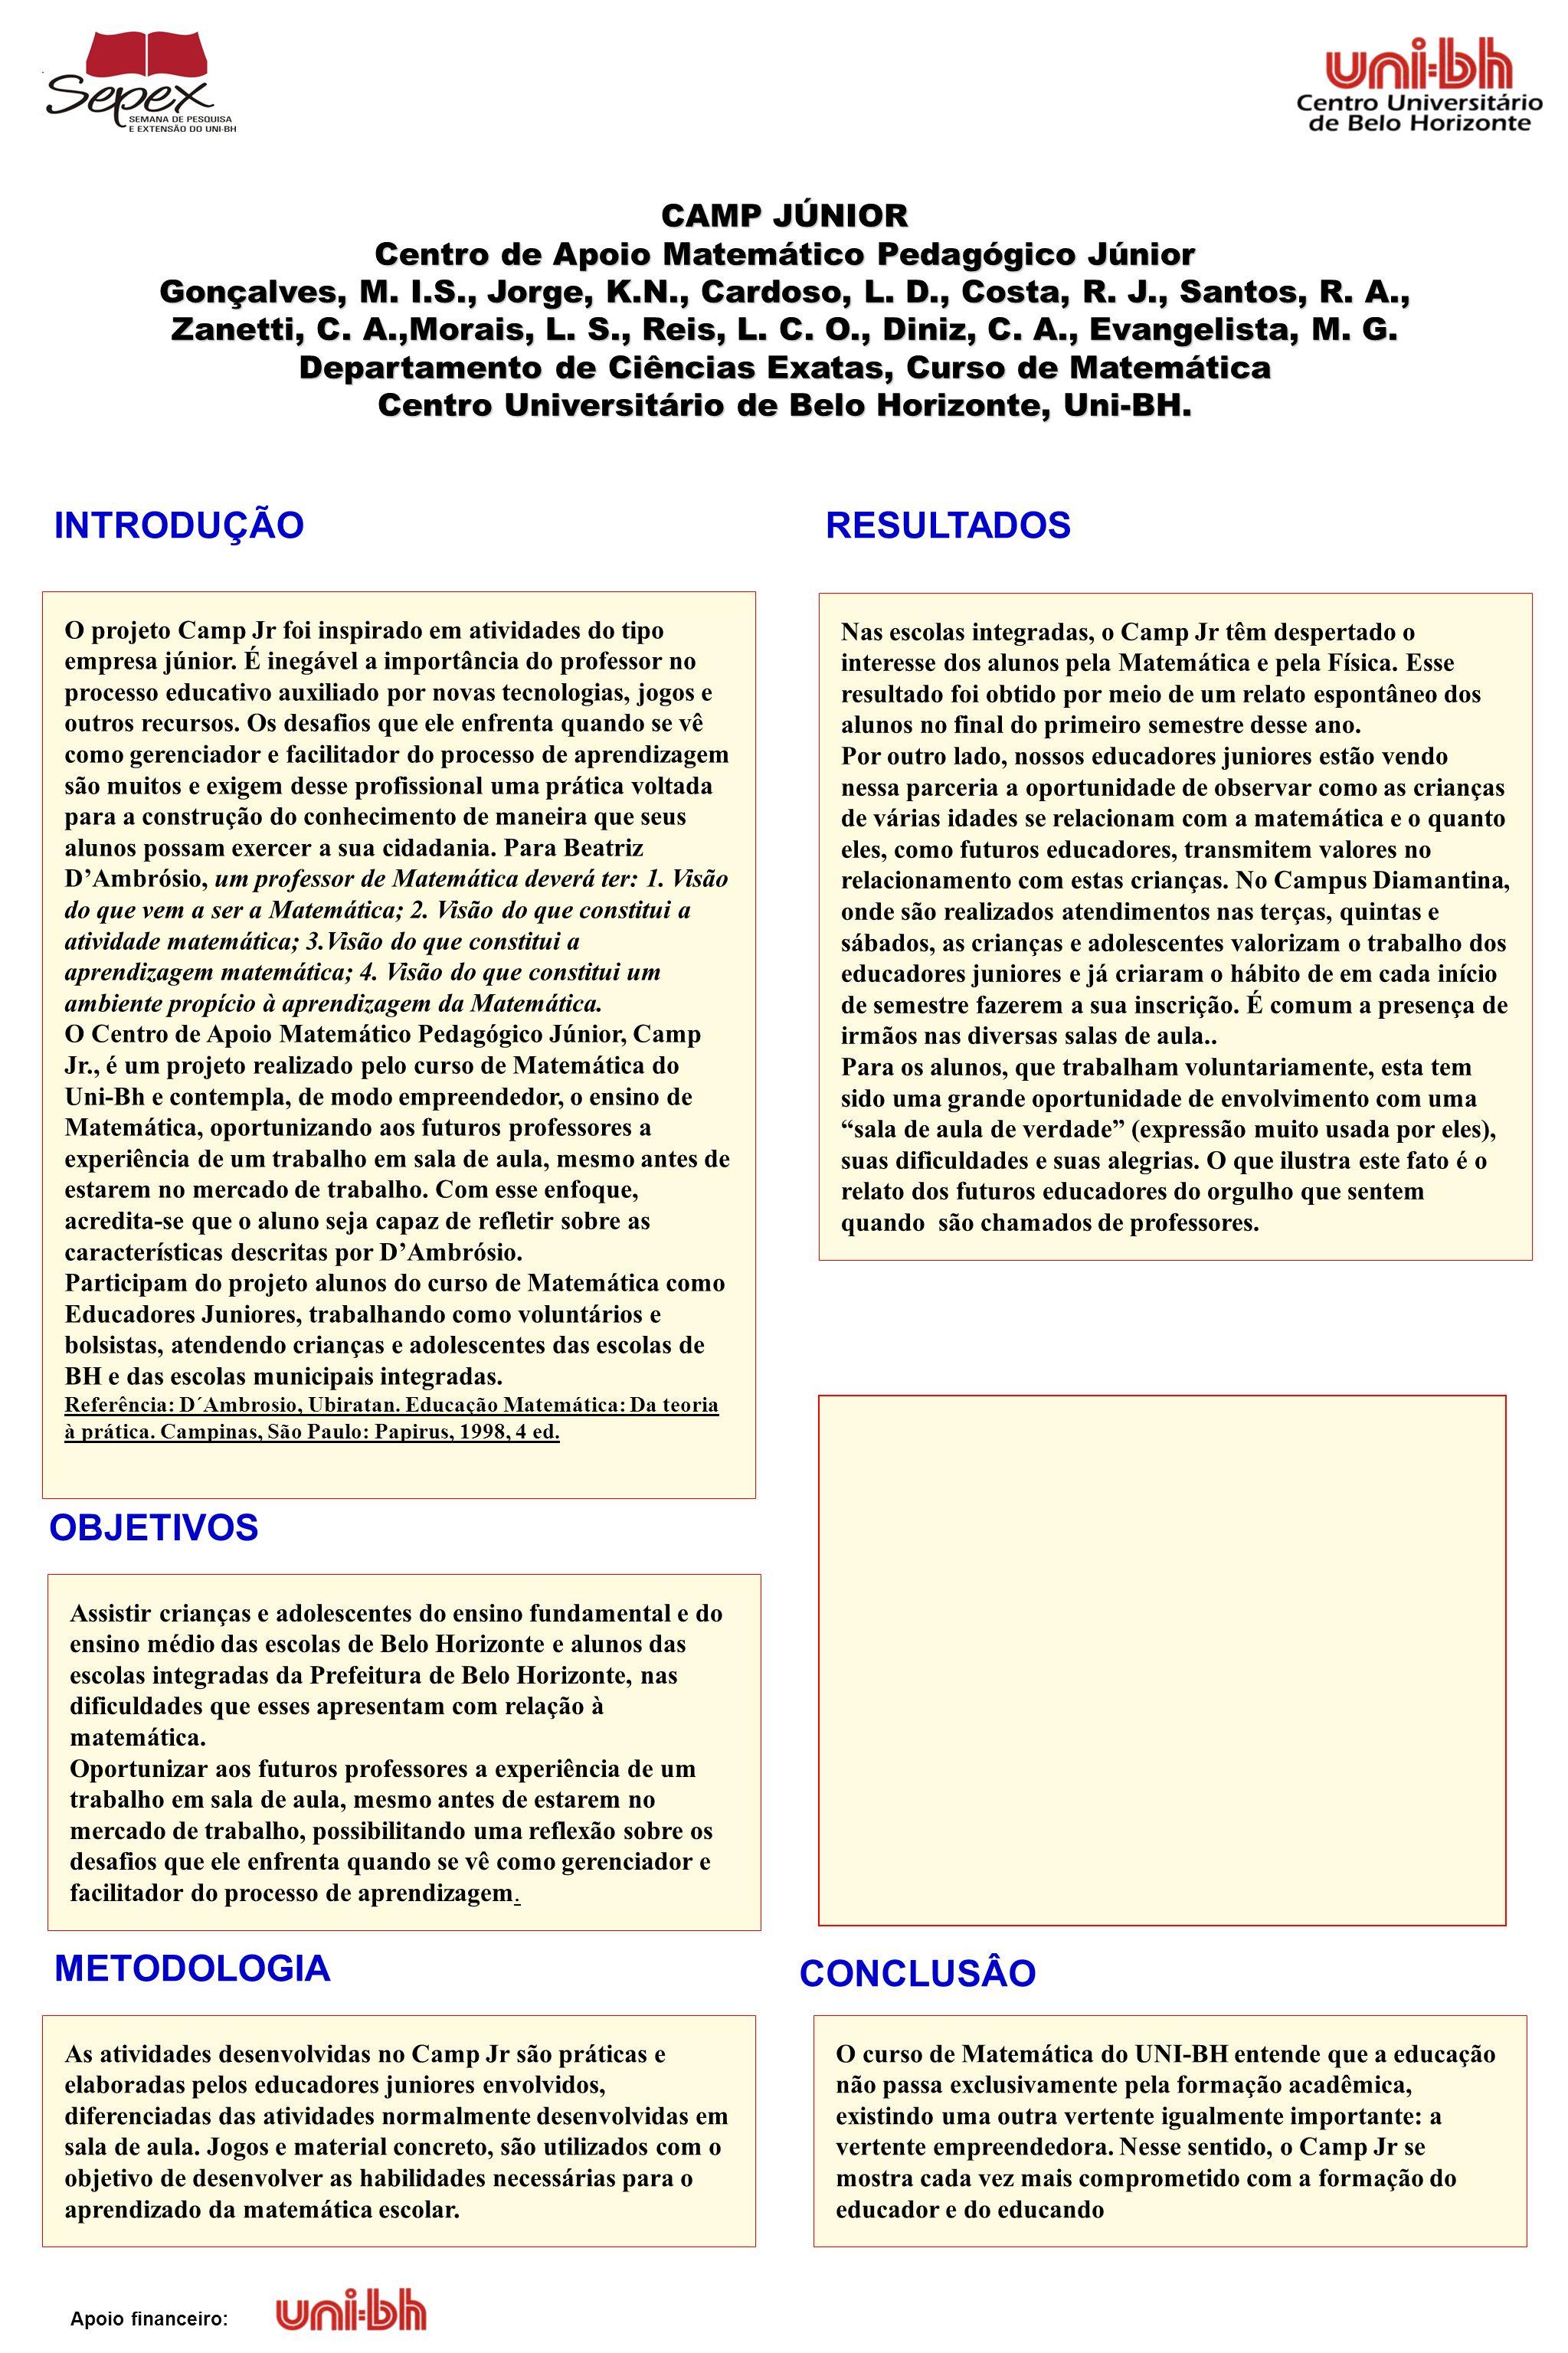 INTRODUÇÃO RESULTADOS OBJETIVOS METODOLOGIA CONCLUSÂO CAMP JÚNIOR